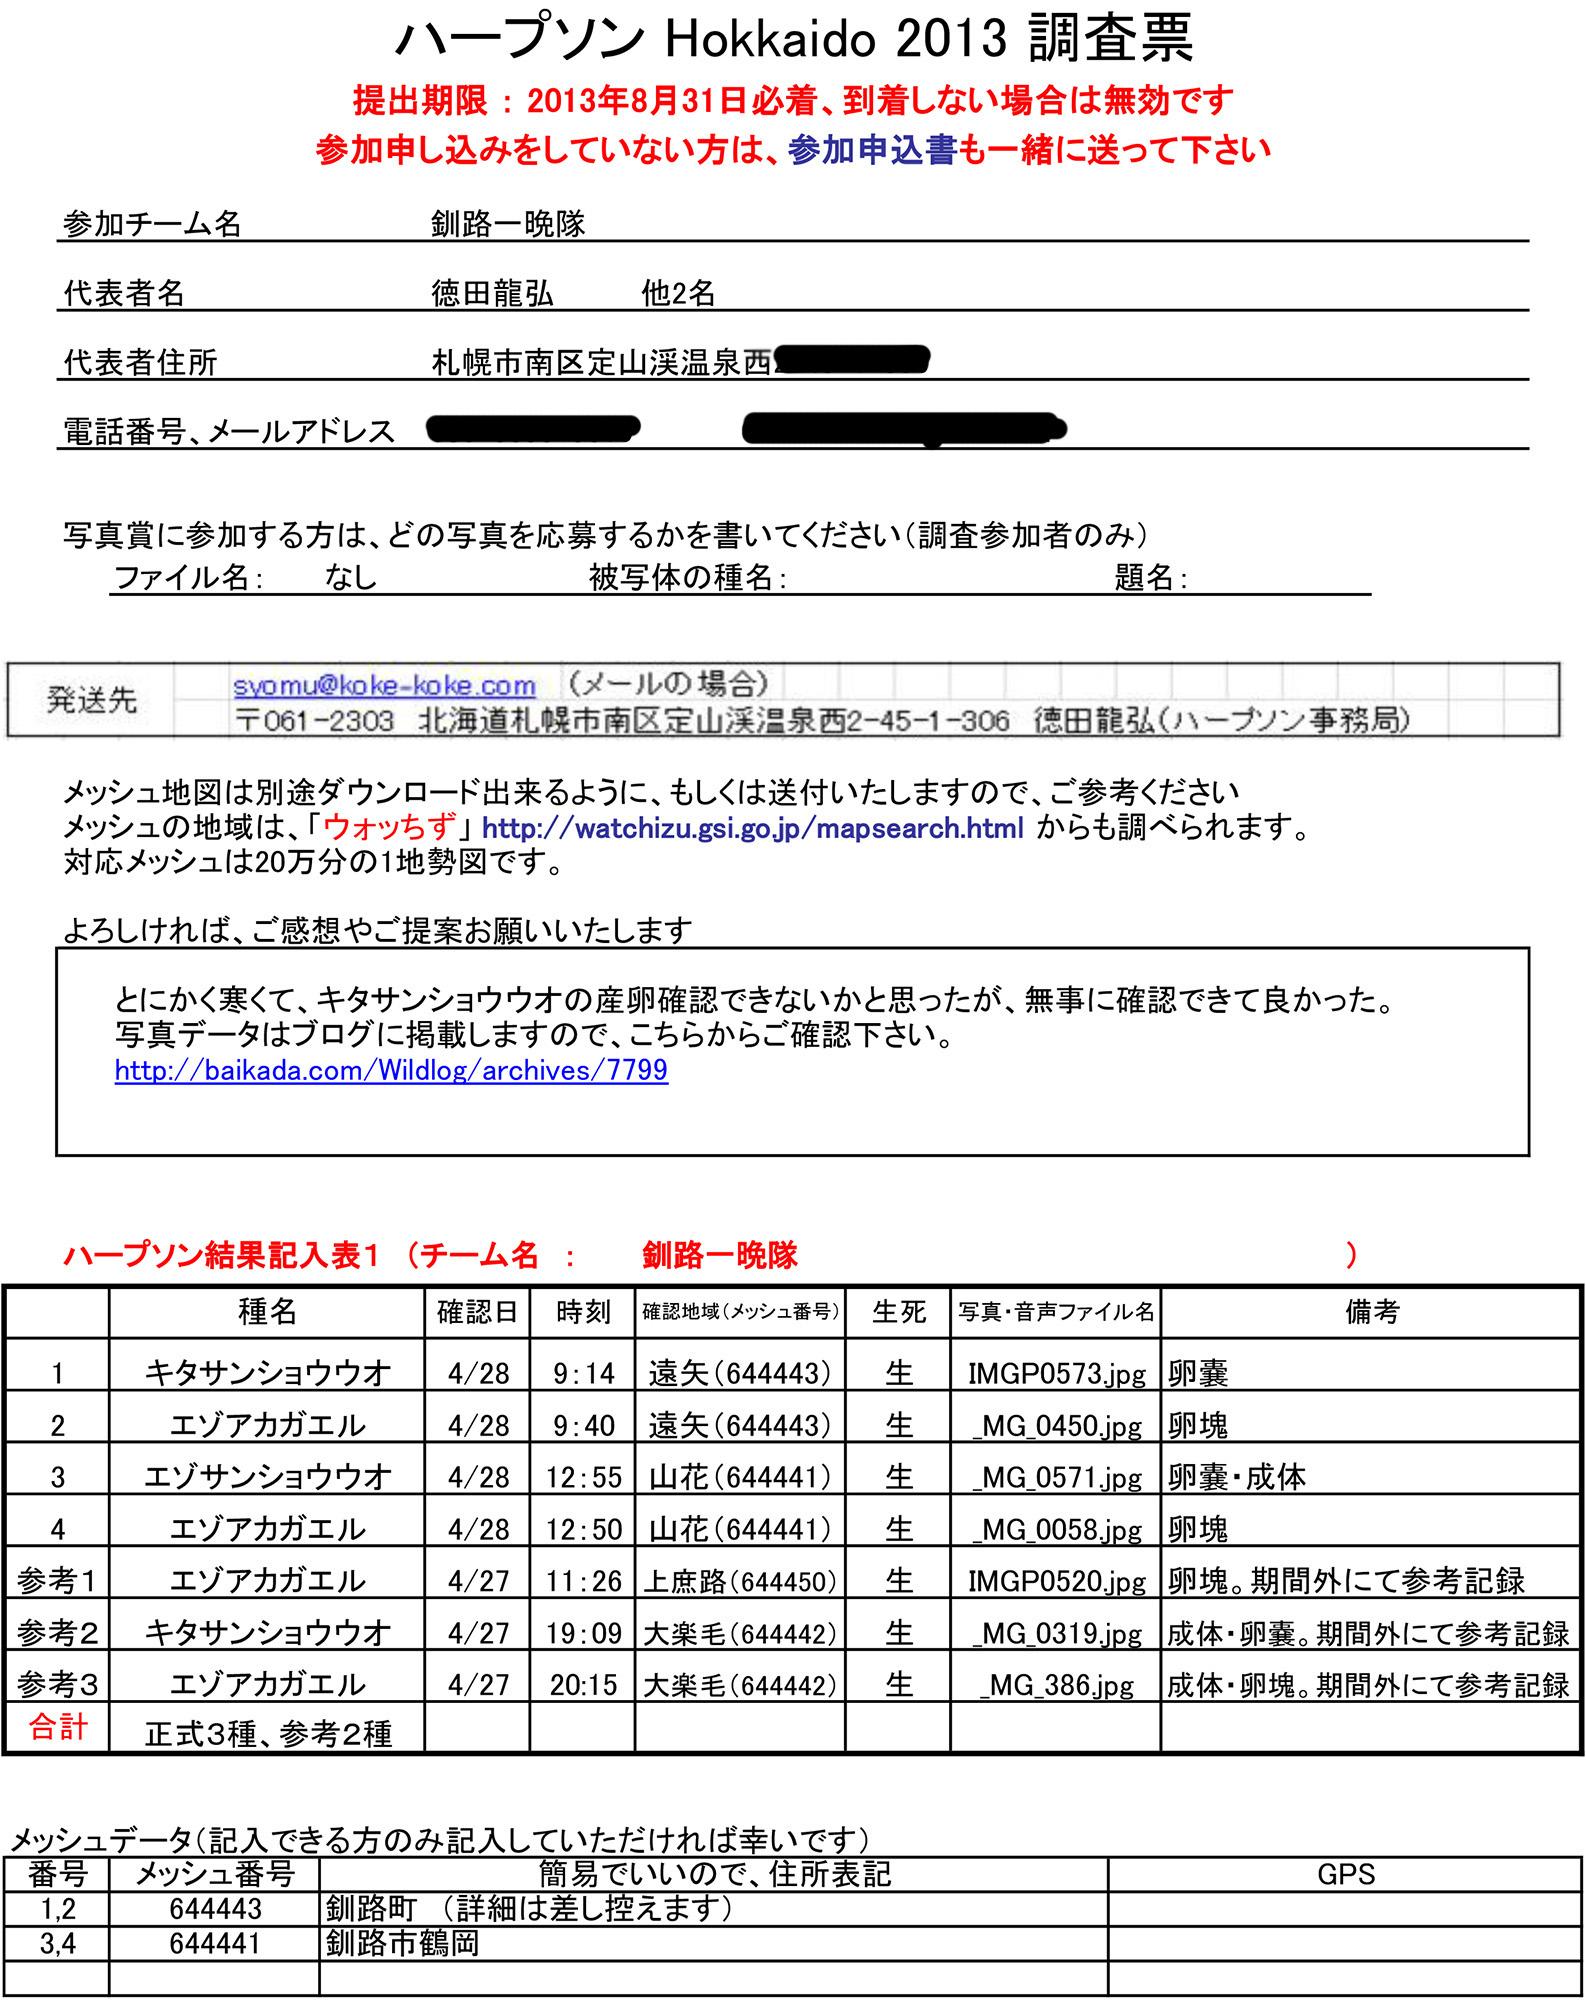 釧路一晩隊(ハープソン2013)